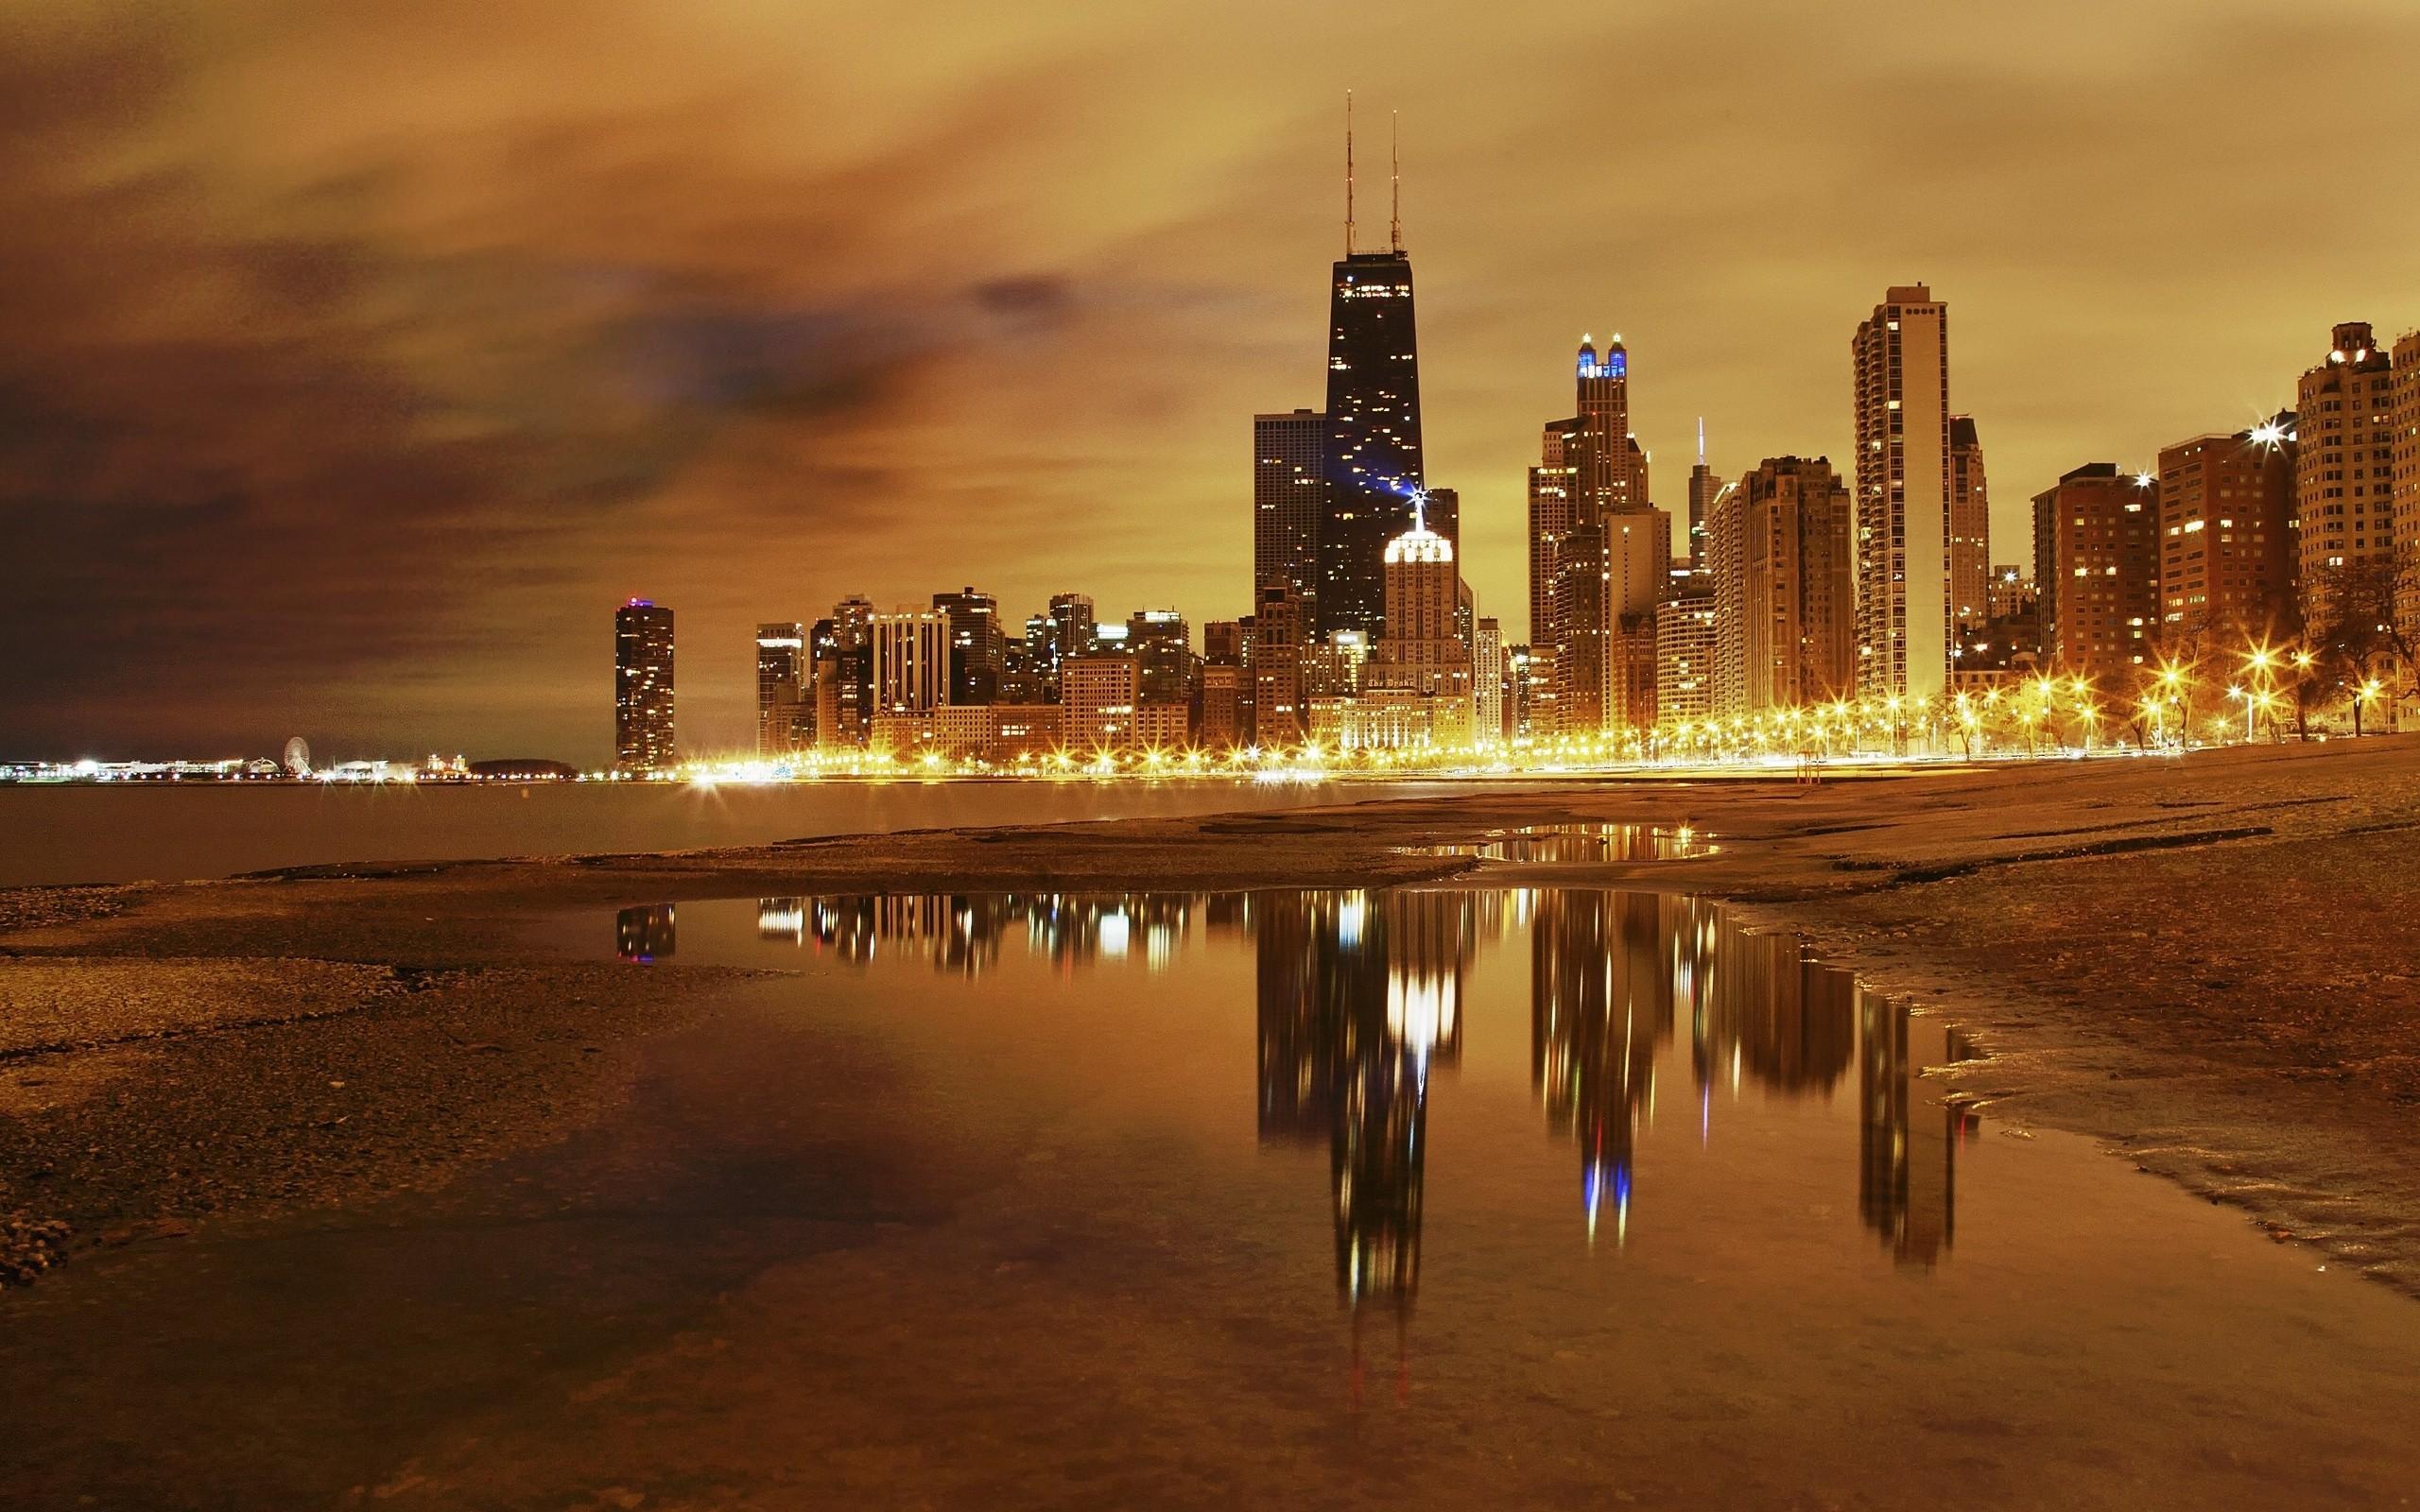 Una gran ciudad de noche - 2560x1600